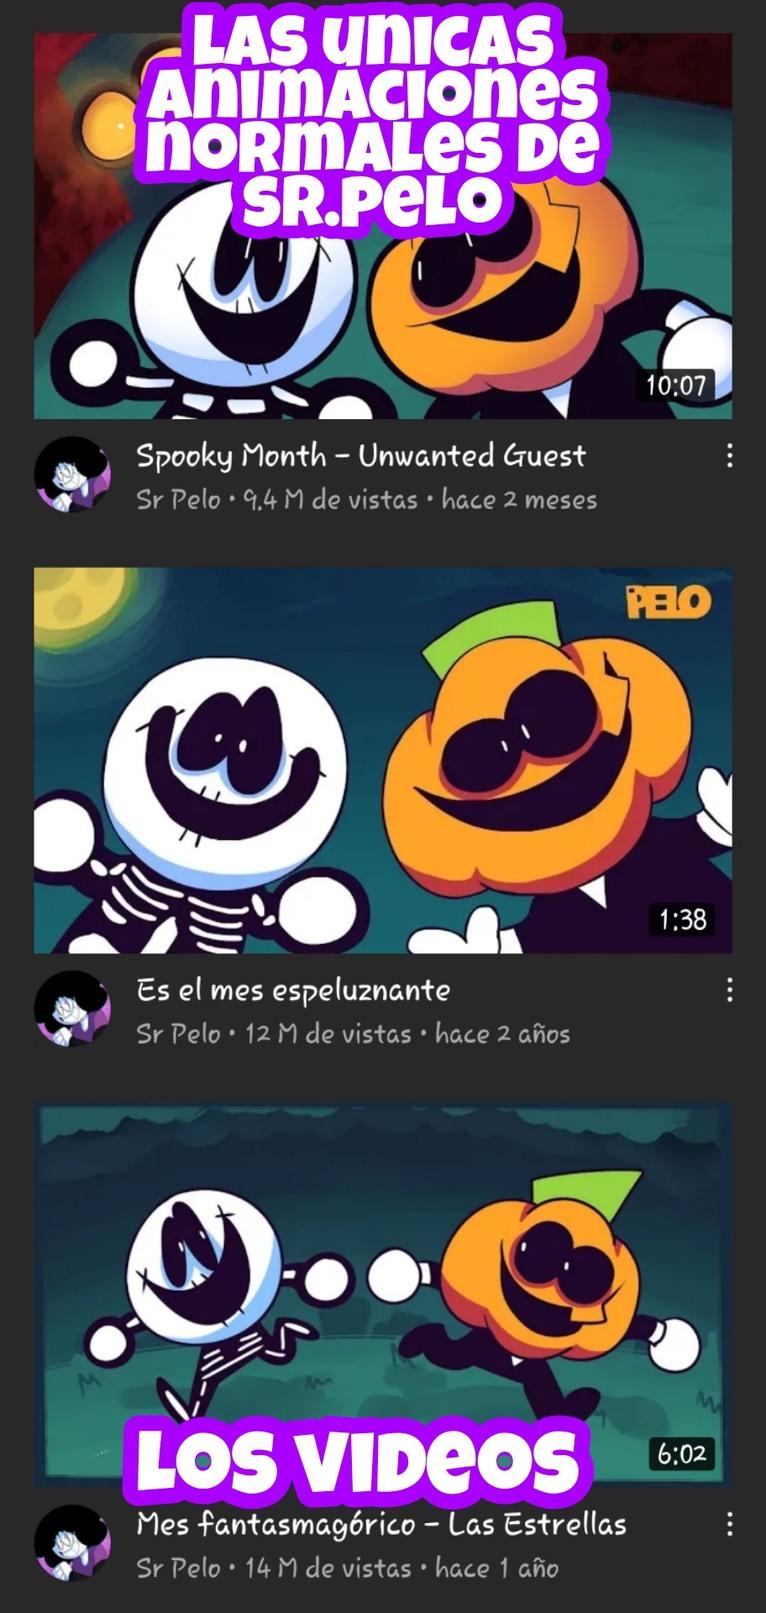 Las unicas animaciones normales de sr.pelo - meme